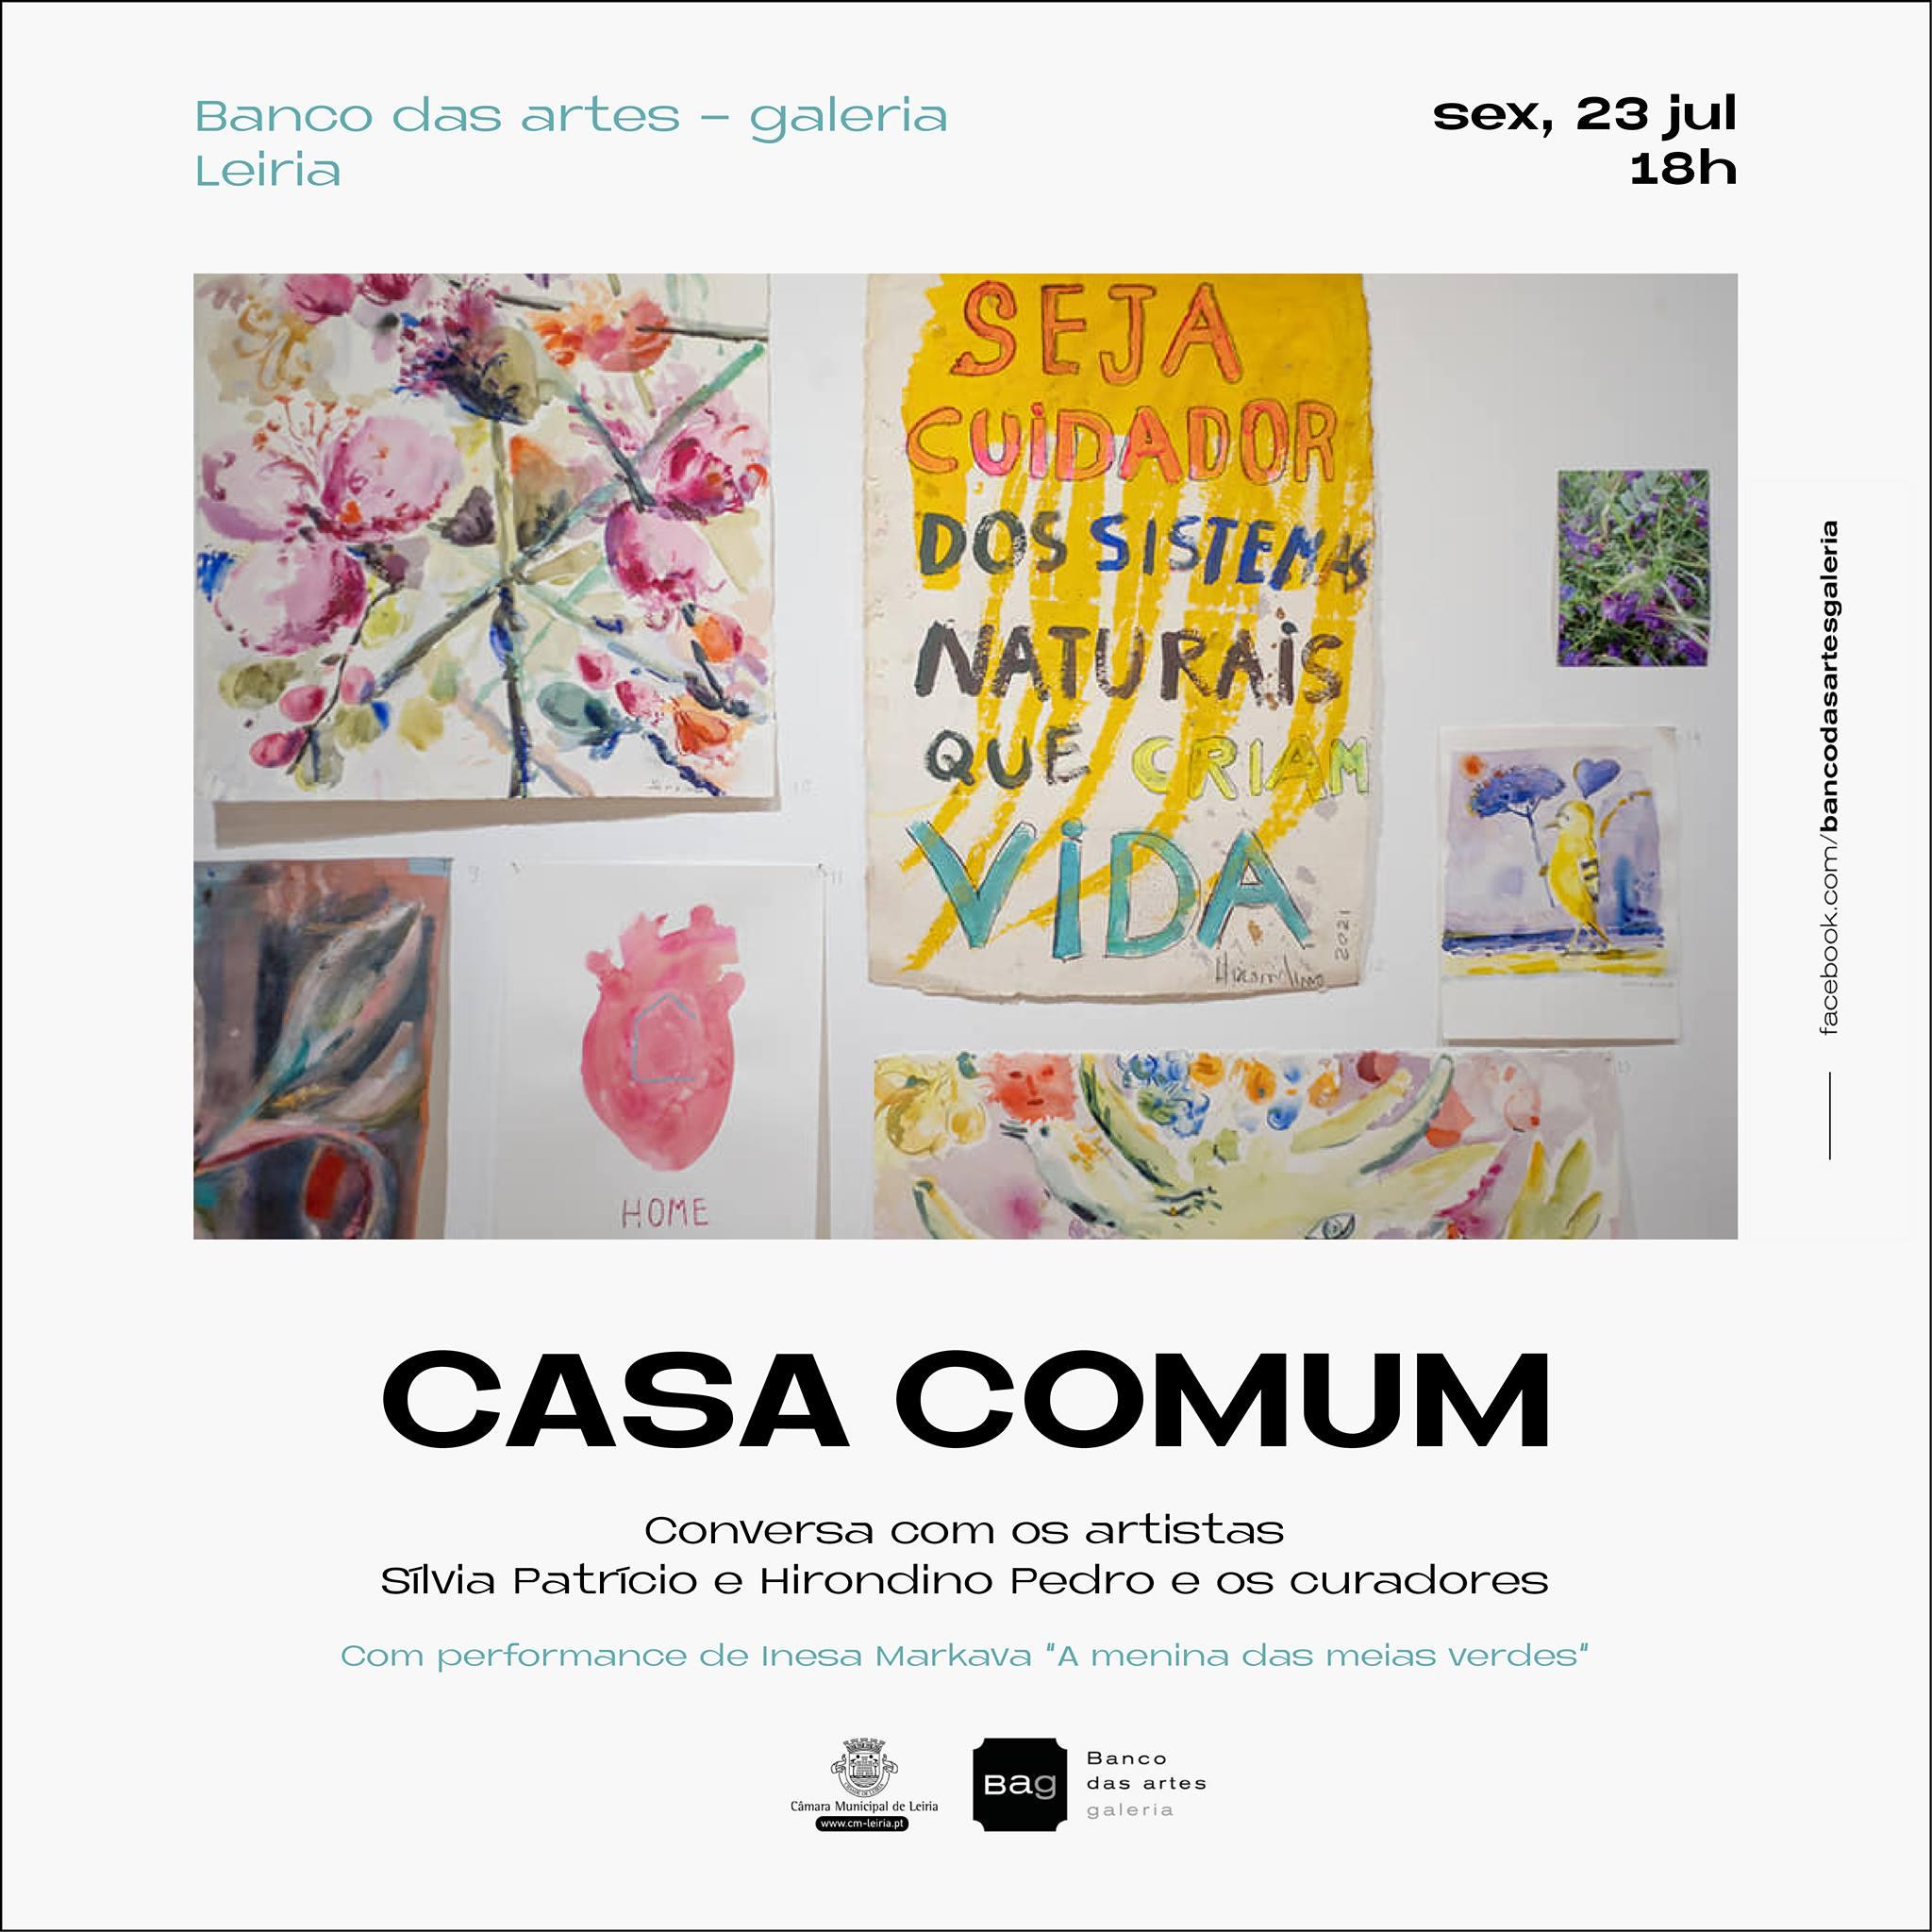 CASA COMUM - Conversa com artistas e curadores e  performance